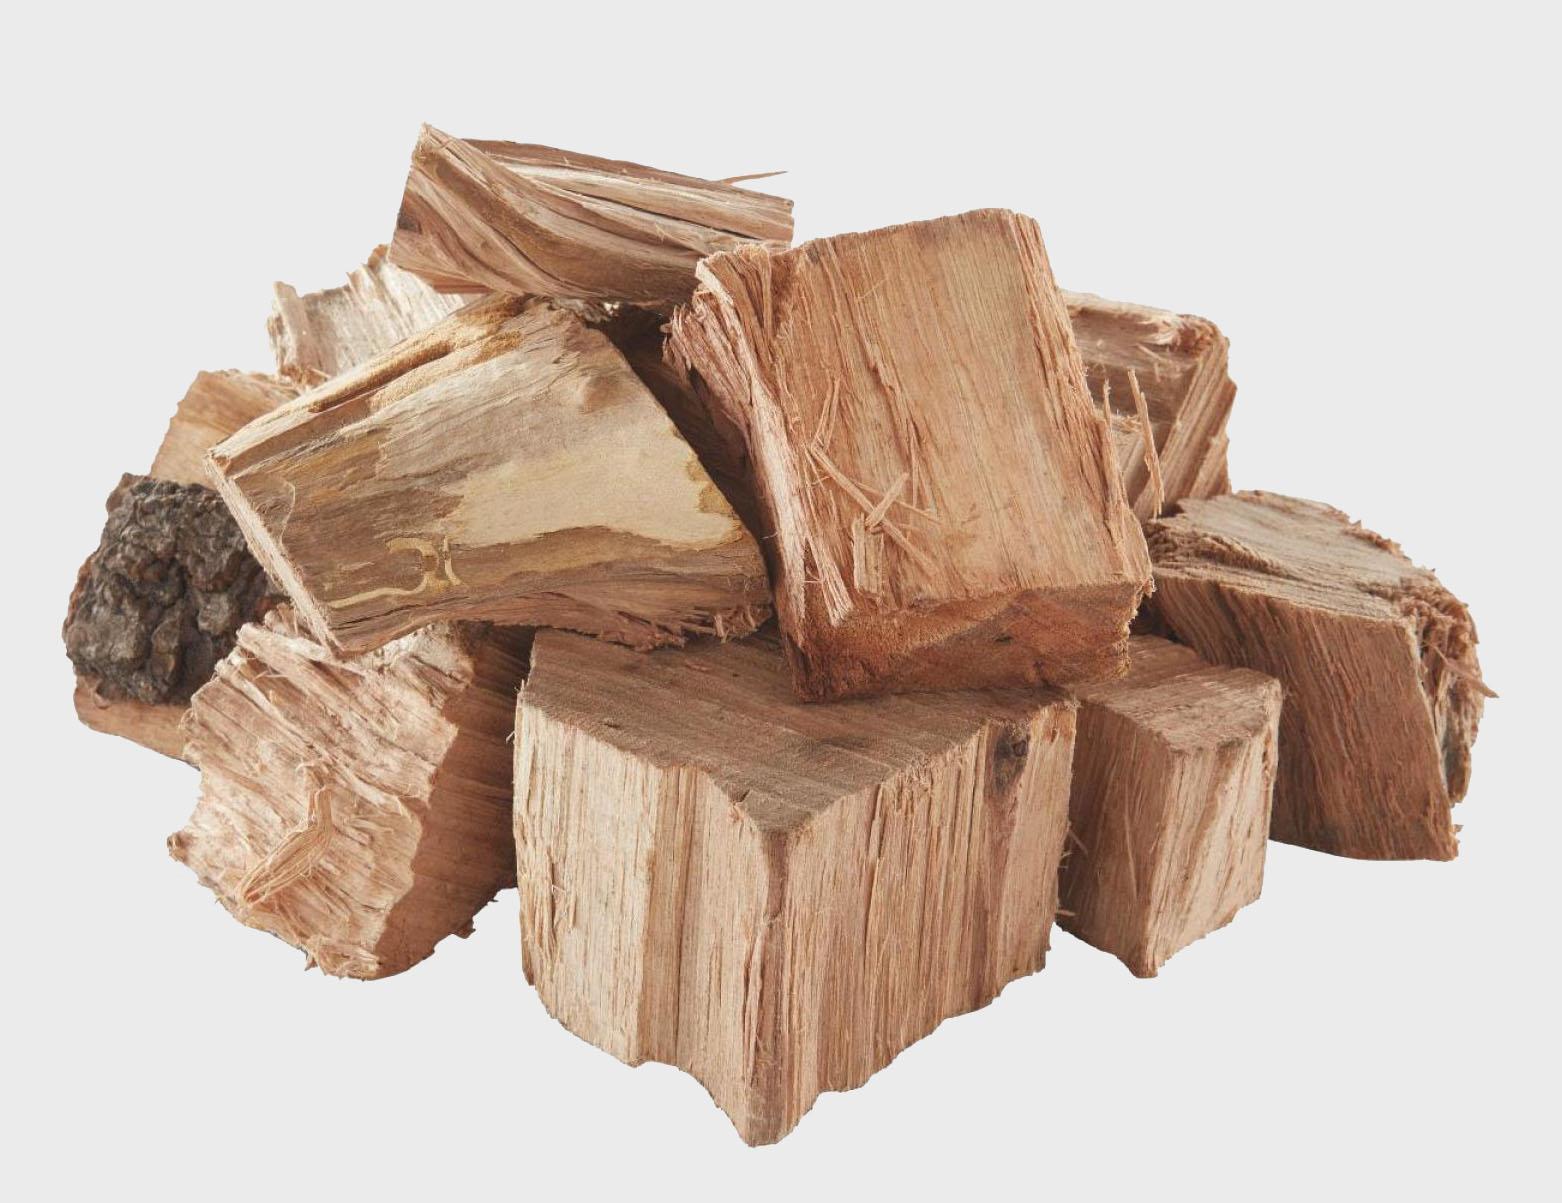 hickory smoking wood chunks